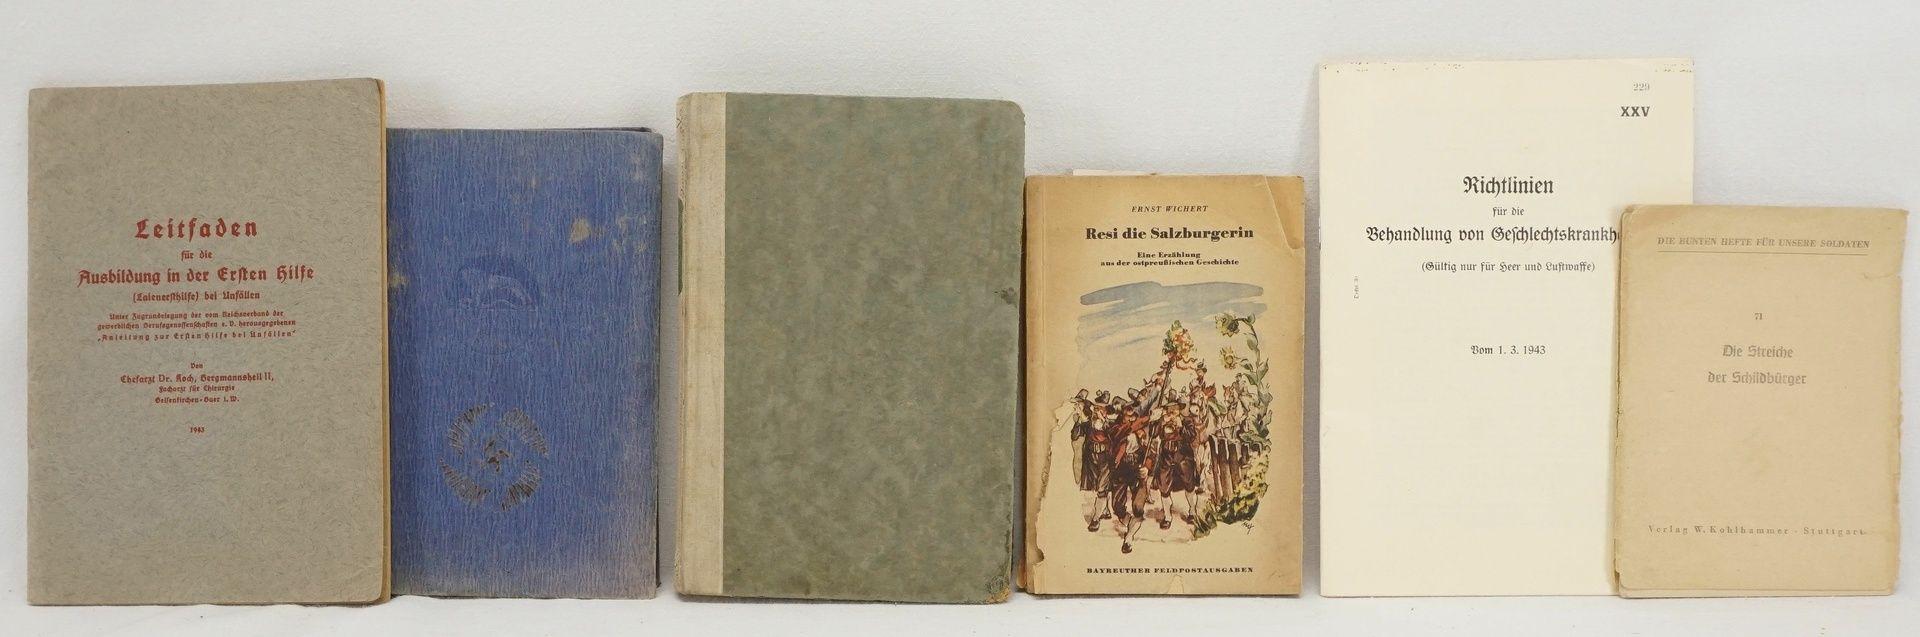 22 militärhistorische Bücher / Hefte - Bild 3 aus 5